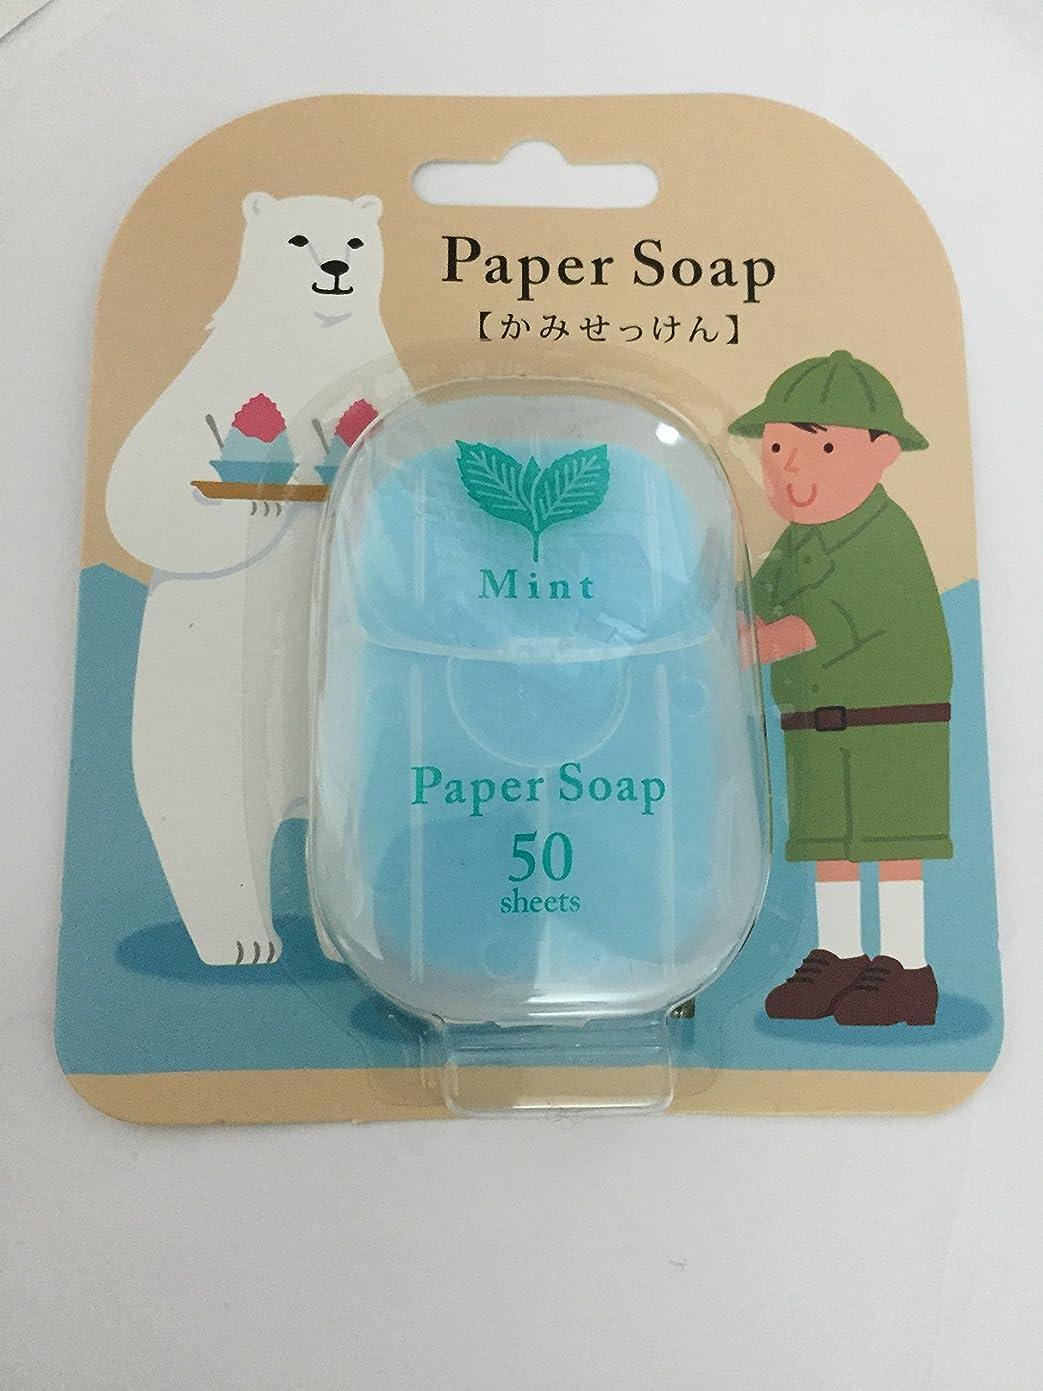 悲観主義者章油ペーパーソープ(かみせっけん) ミントの香り 新商品